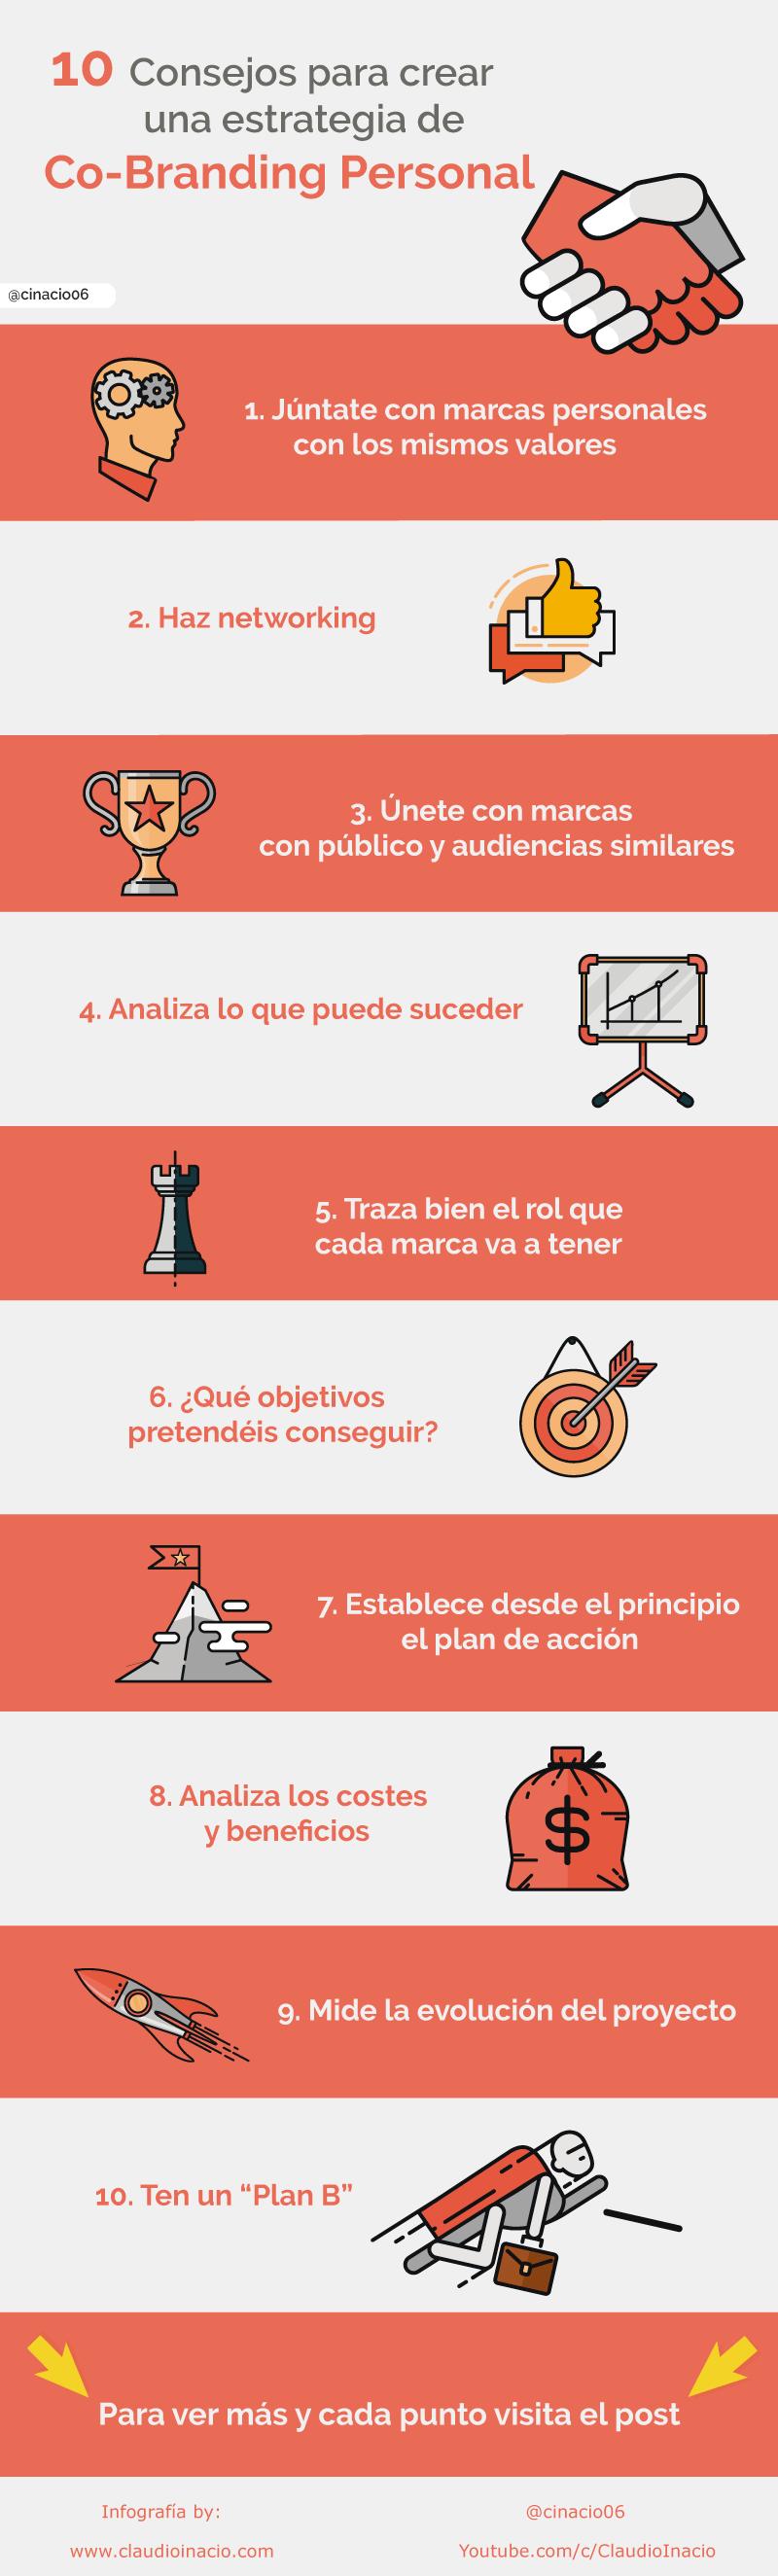 infografia pasos para crear co-branding personal